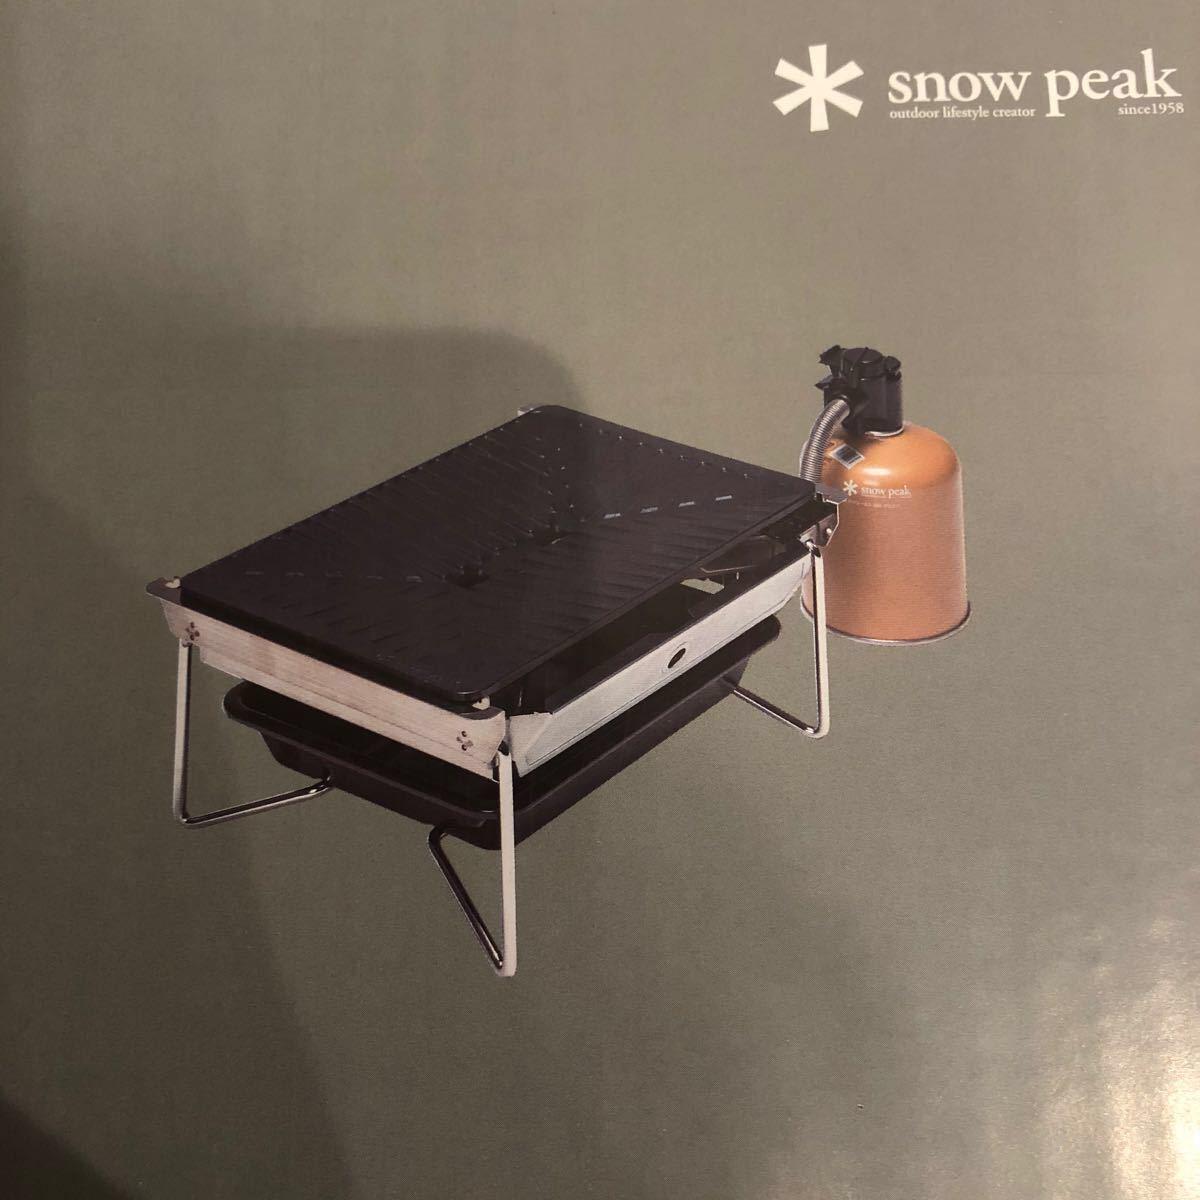 スノーピーク snow peak 雪峰苑 飯盒付き